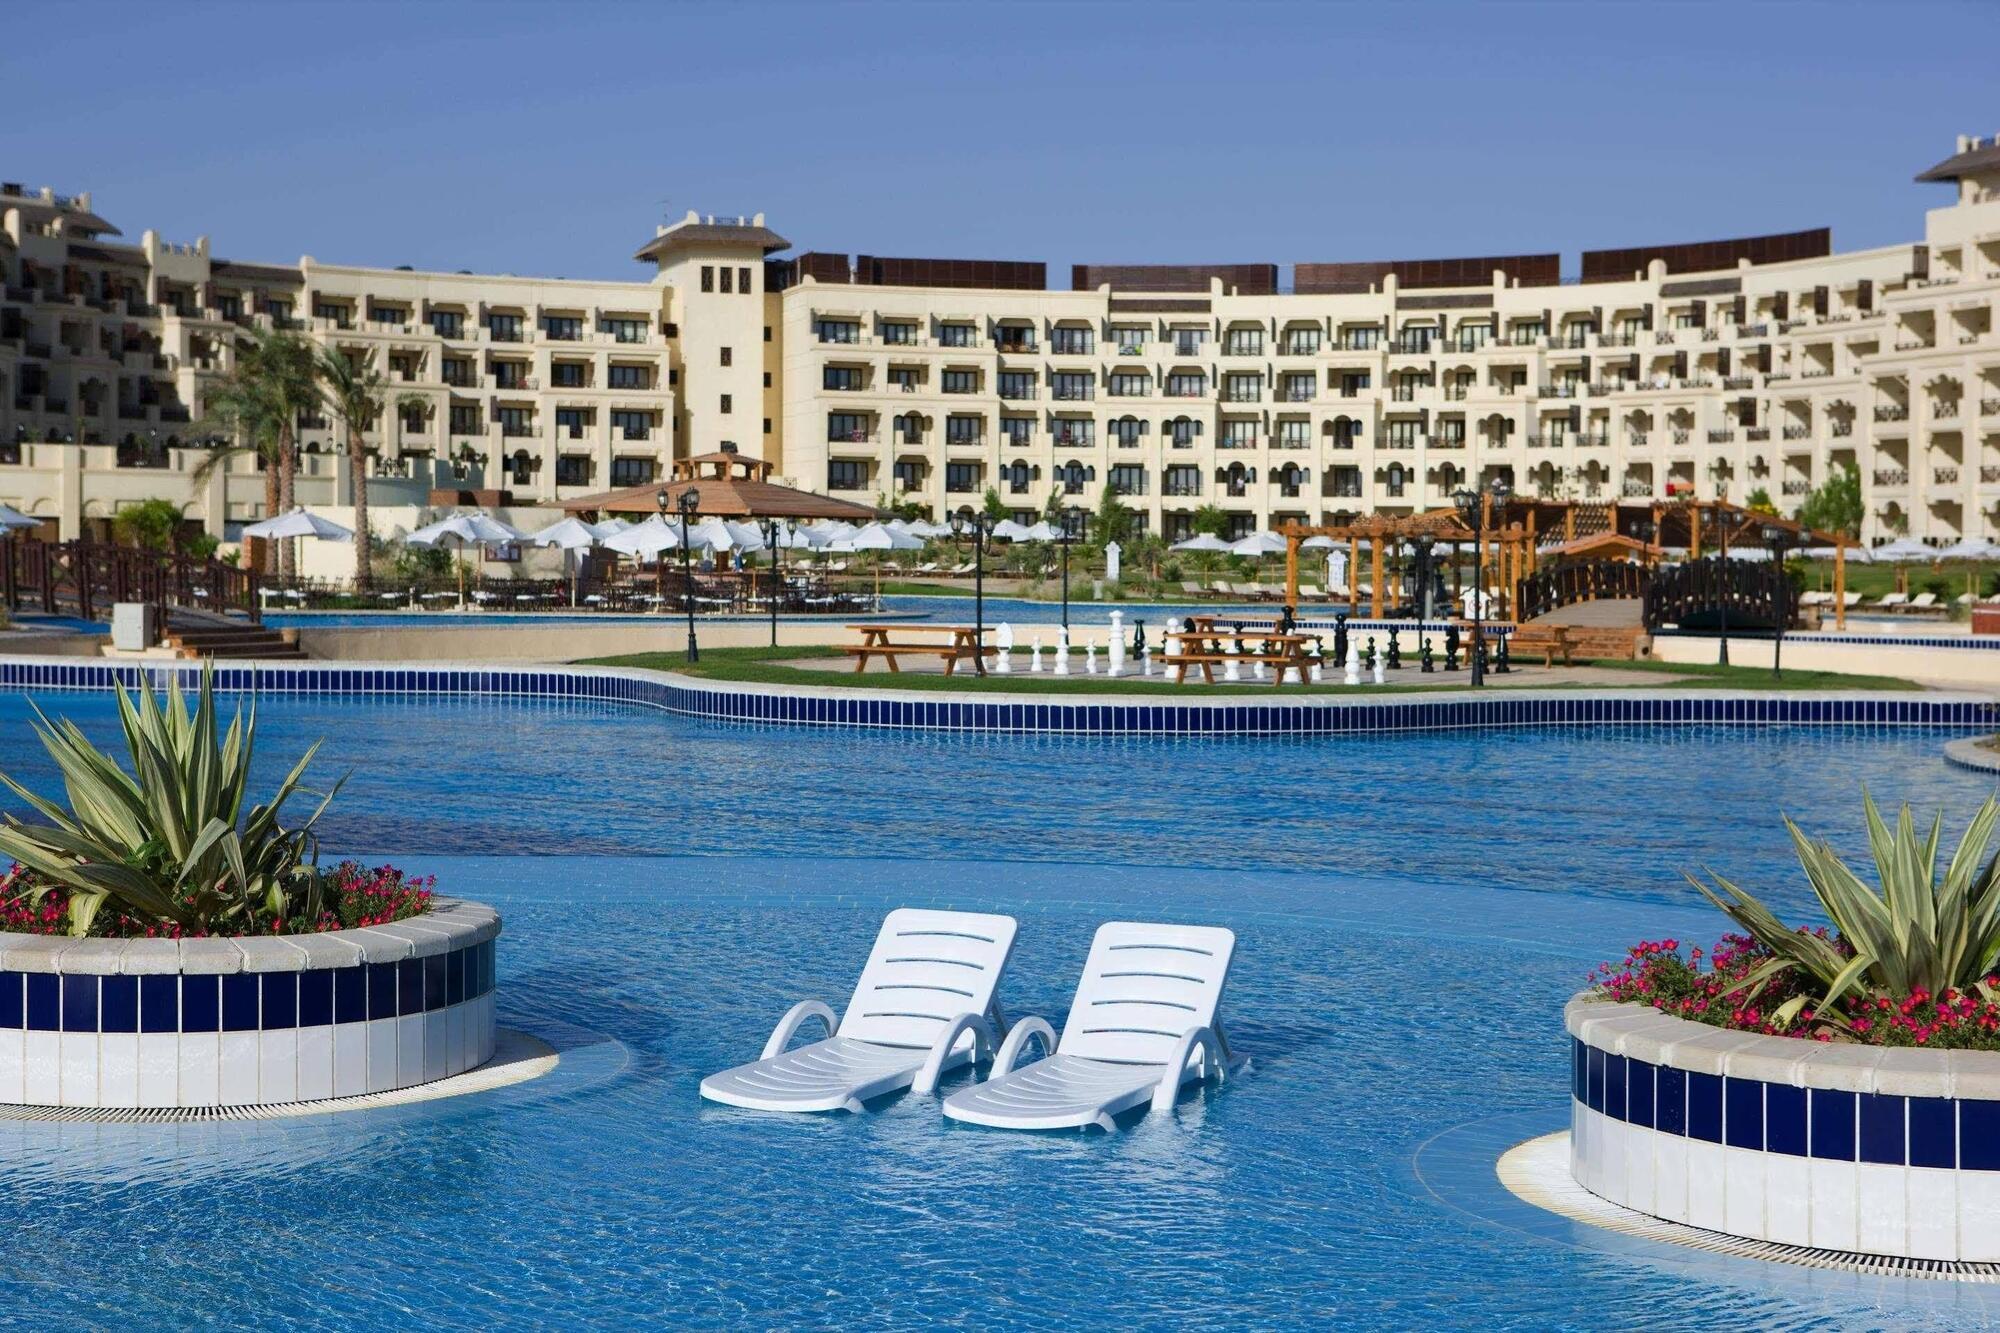 Steigenberger Aldau Beach Hotel, Hurghada Image 2